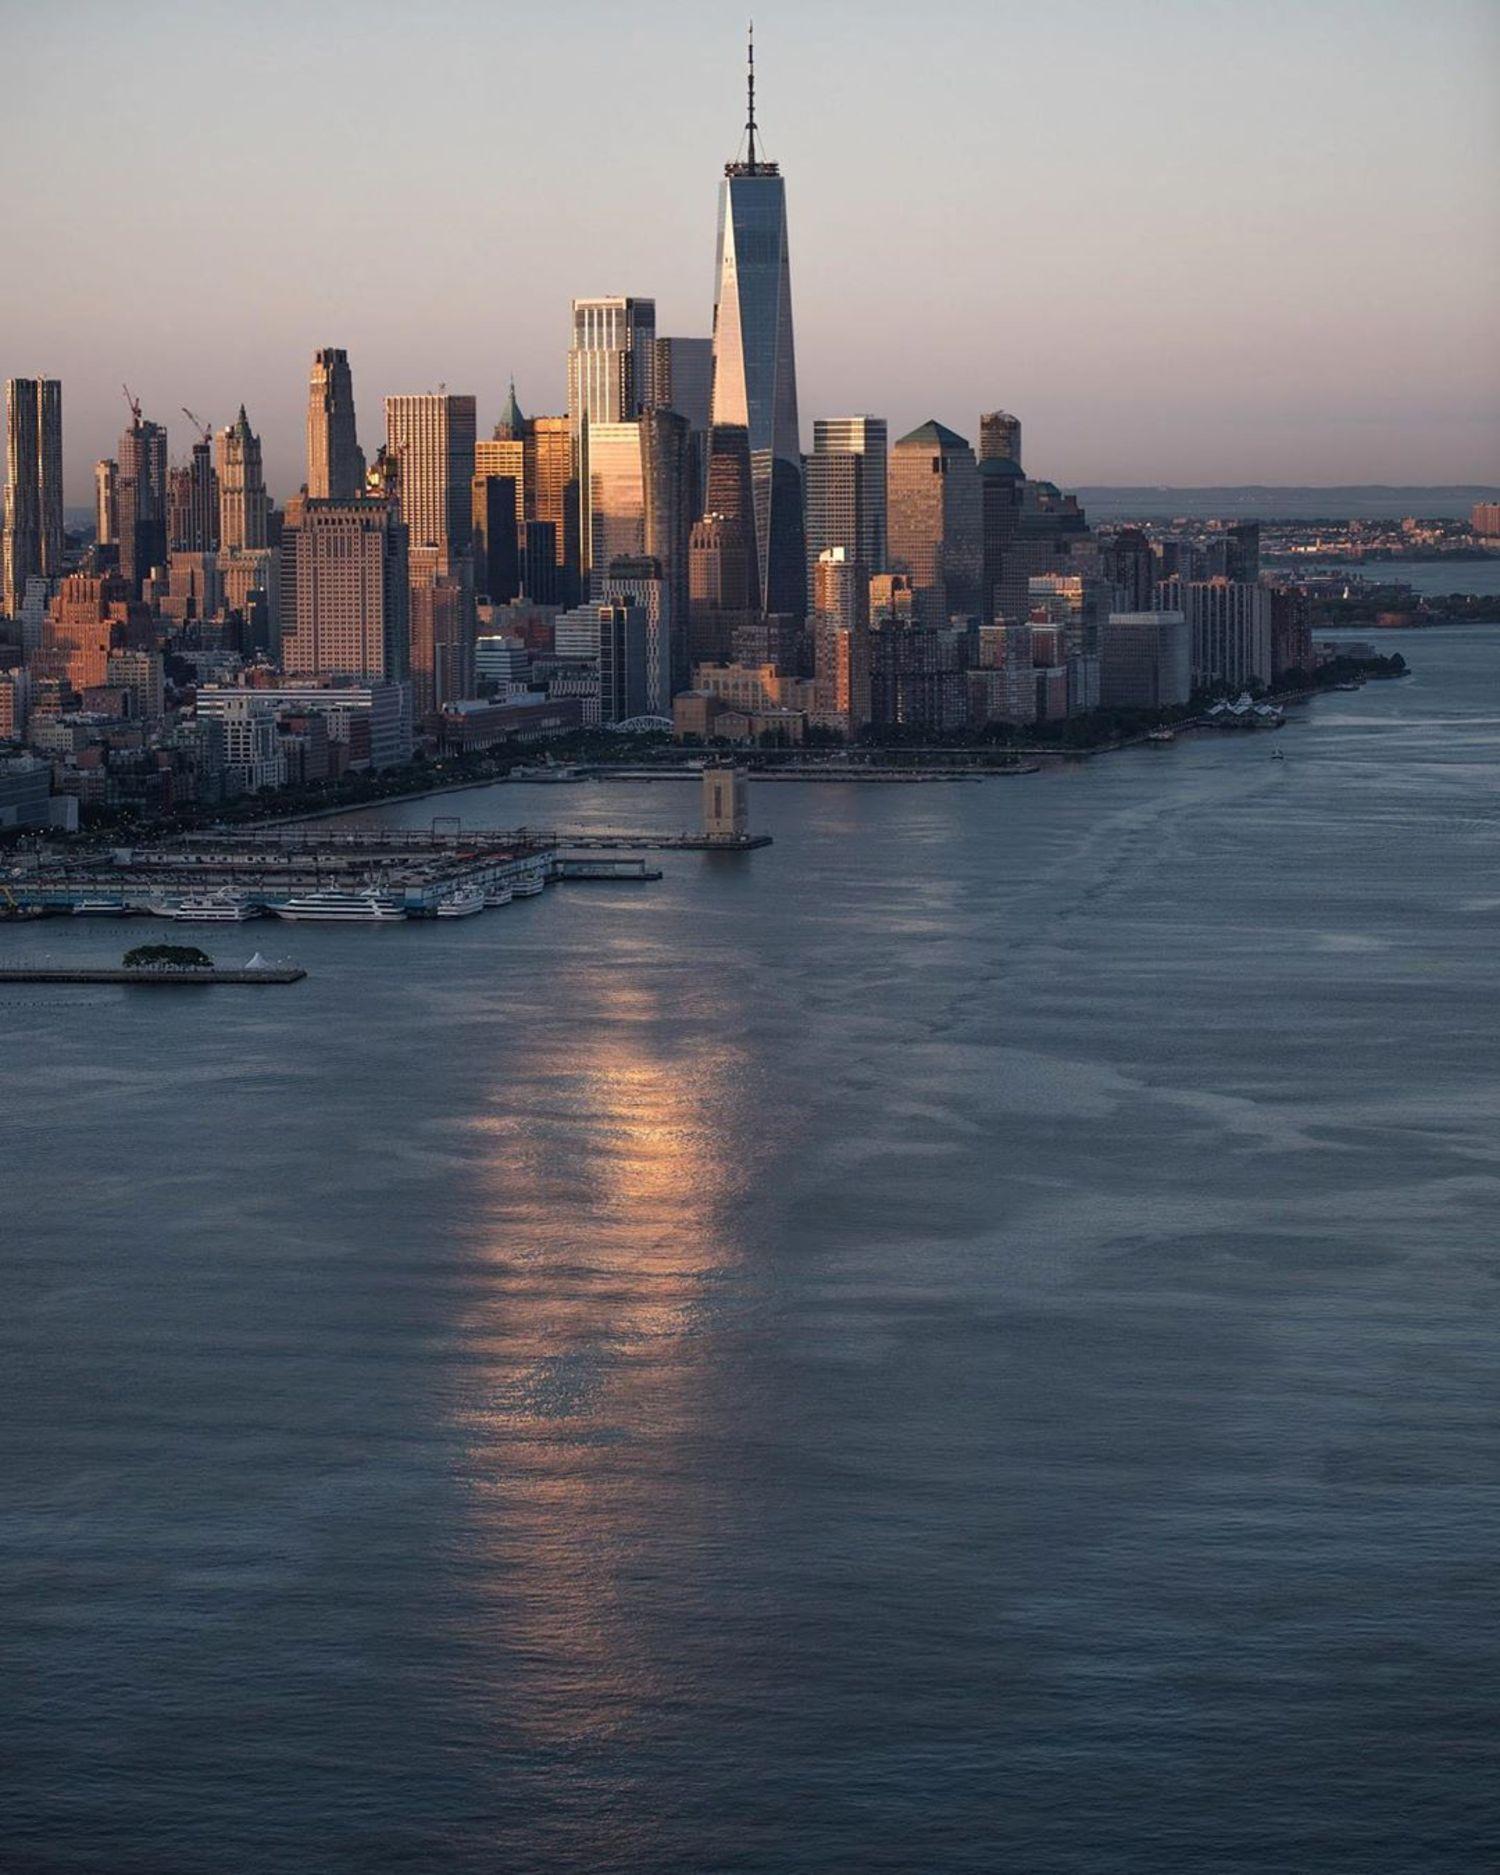 Hudson River, New York, New York